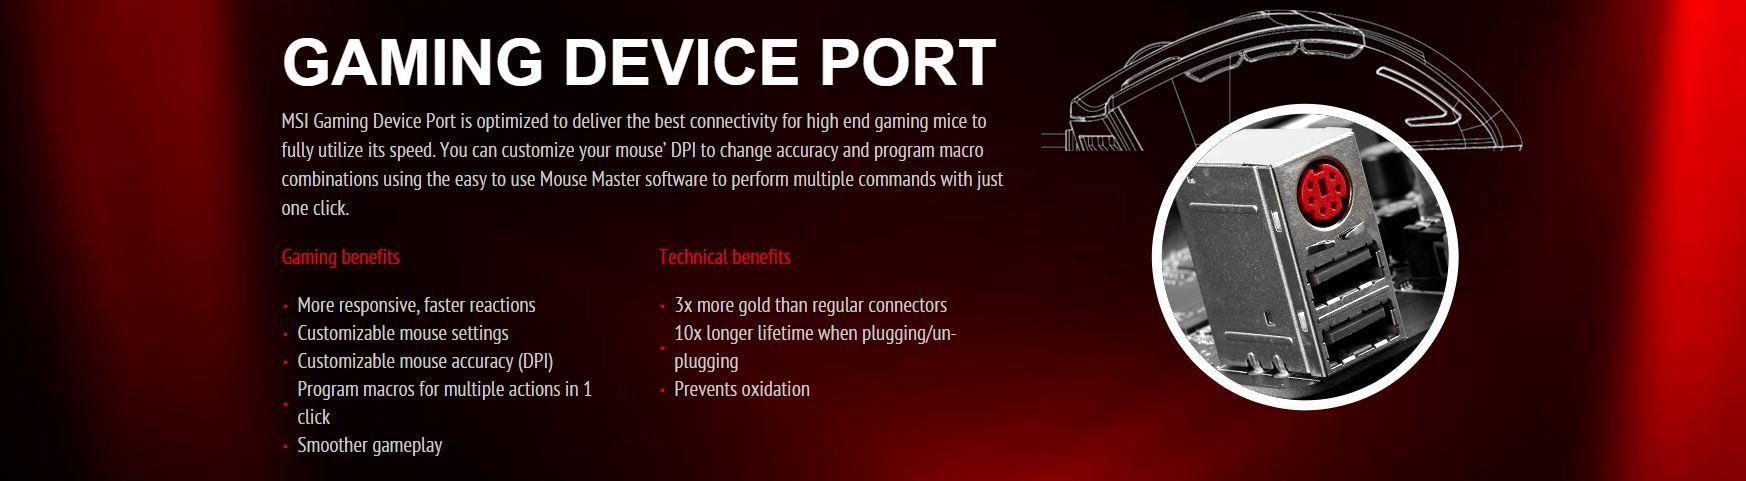 Gaming Ports